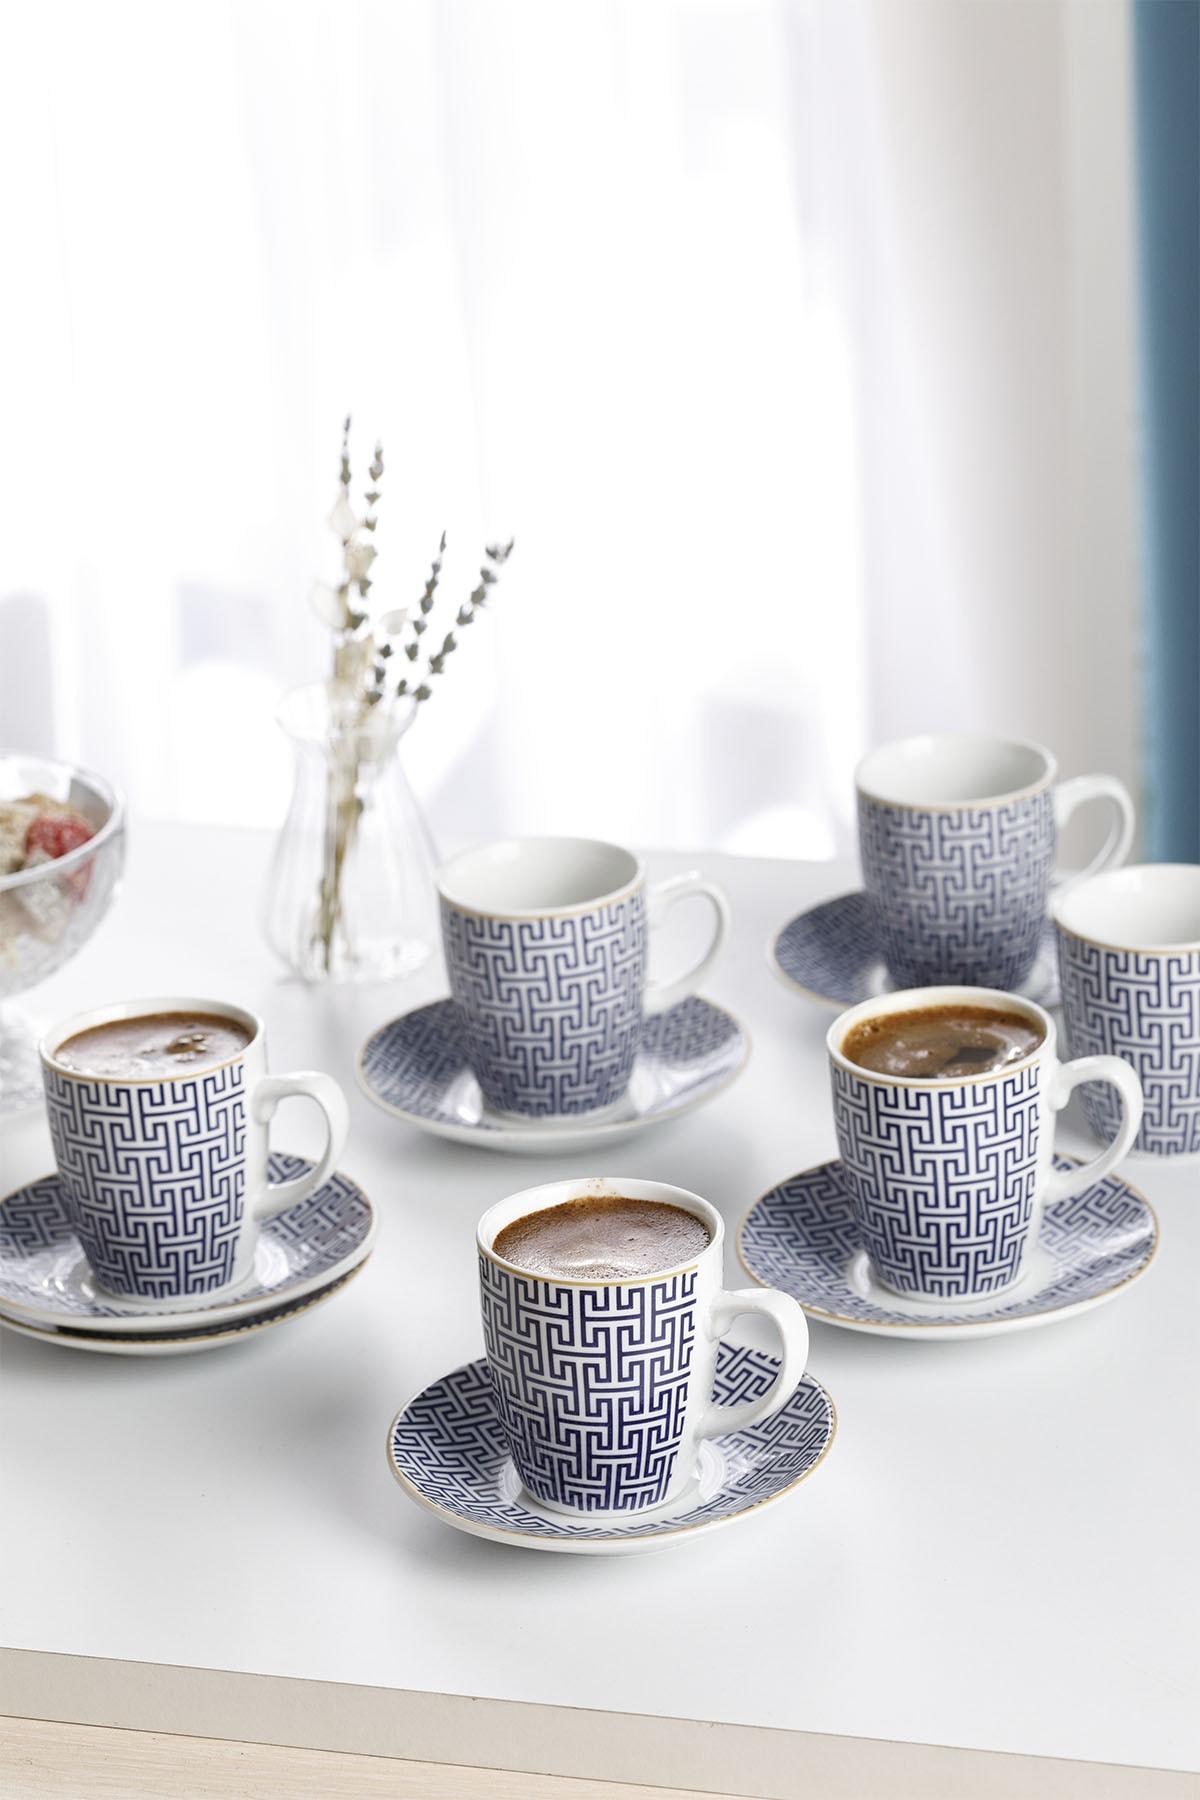 Fiore Porselen 6'lı Kahve Fincan Takımı 100 ml Mavi